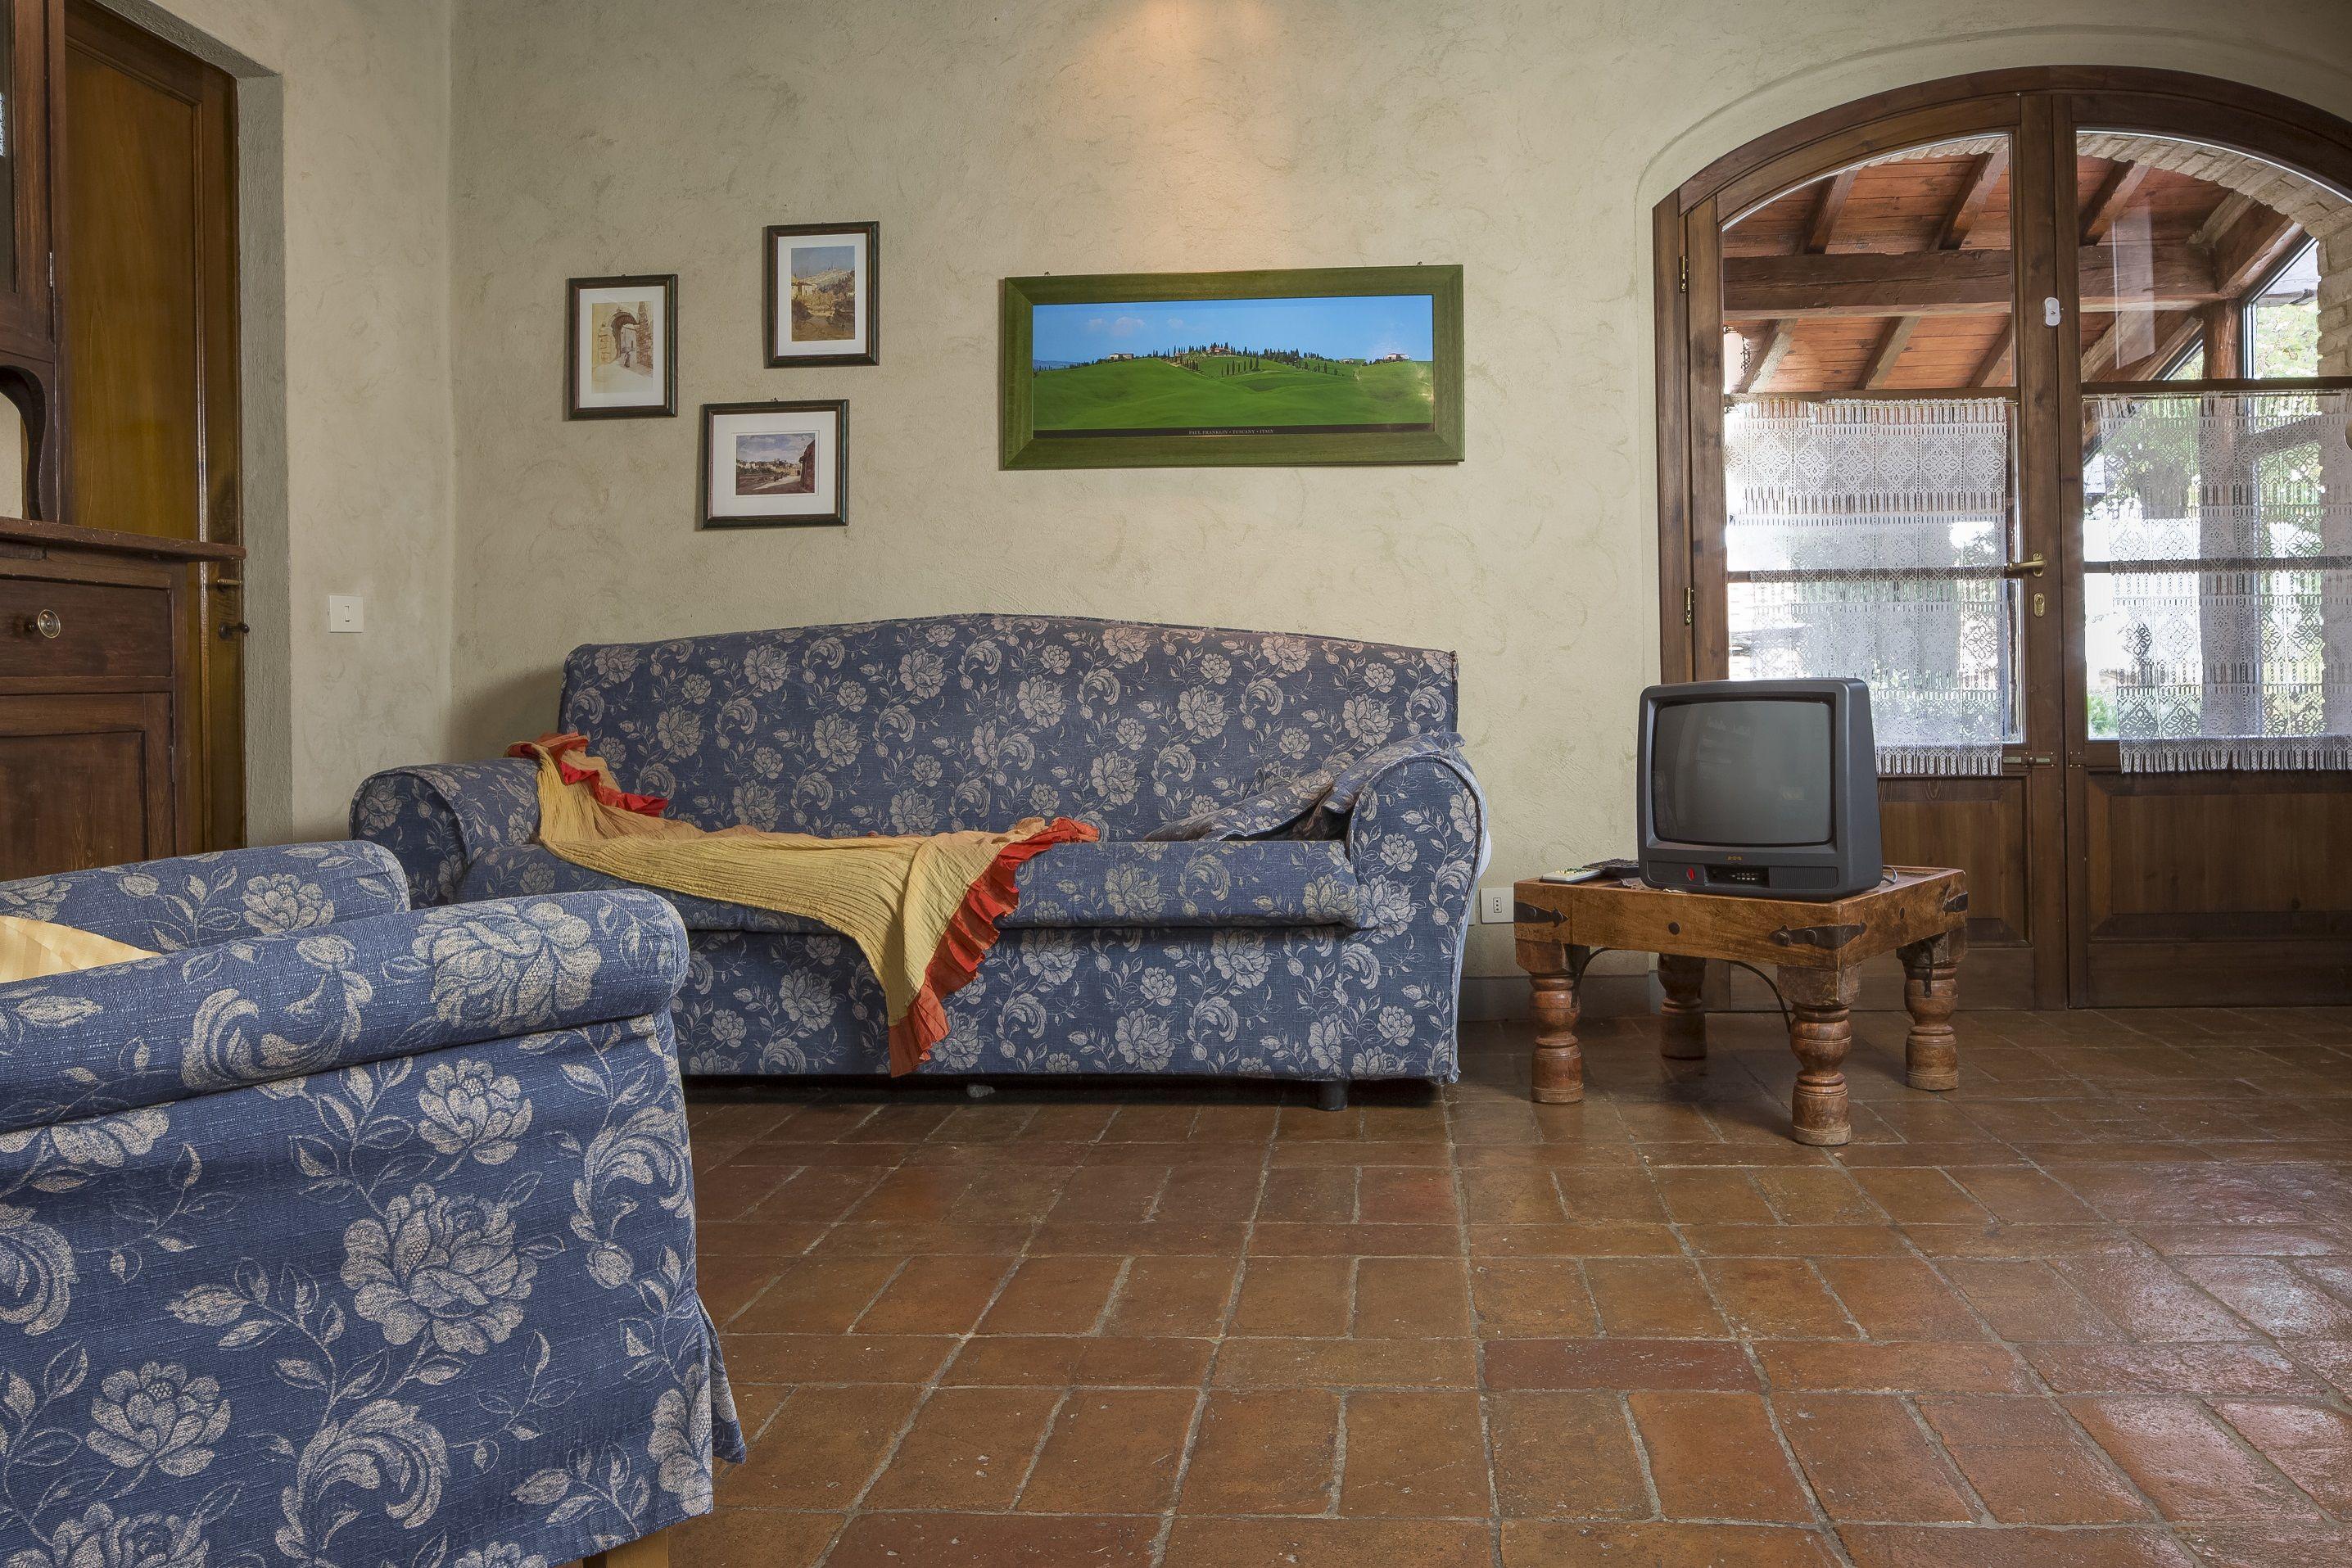 Apartment Podere La Casetta - Granaio Holiday Home photo 18371721